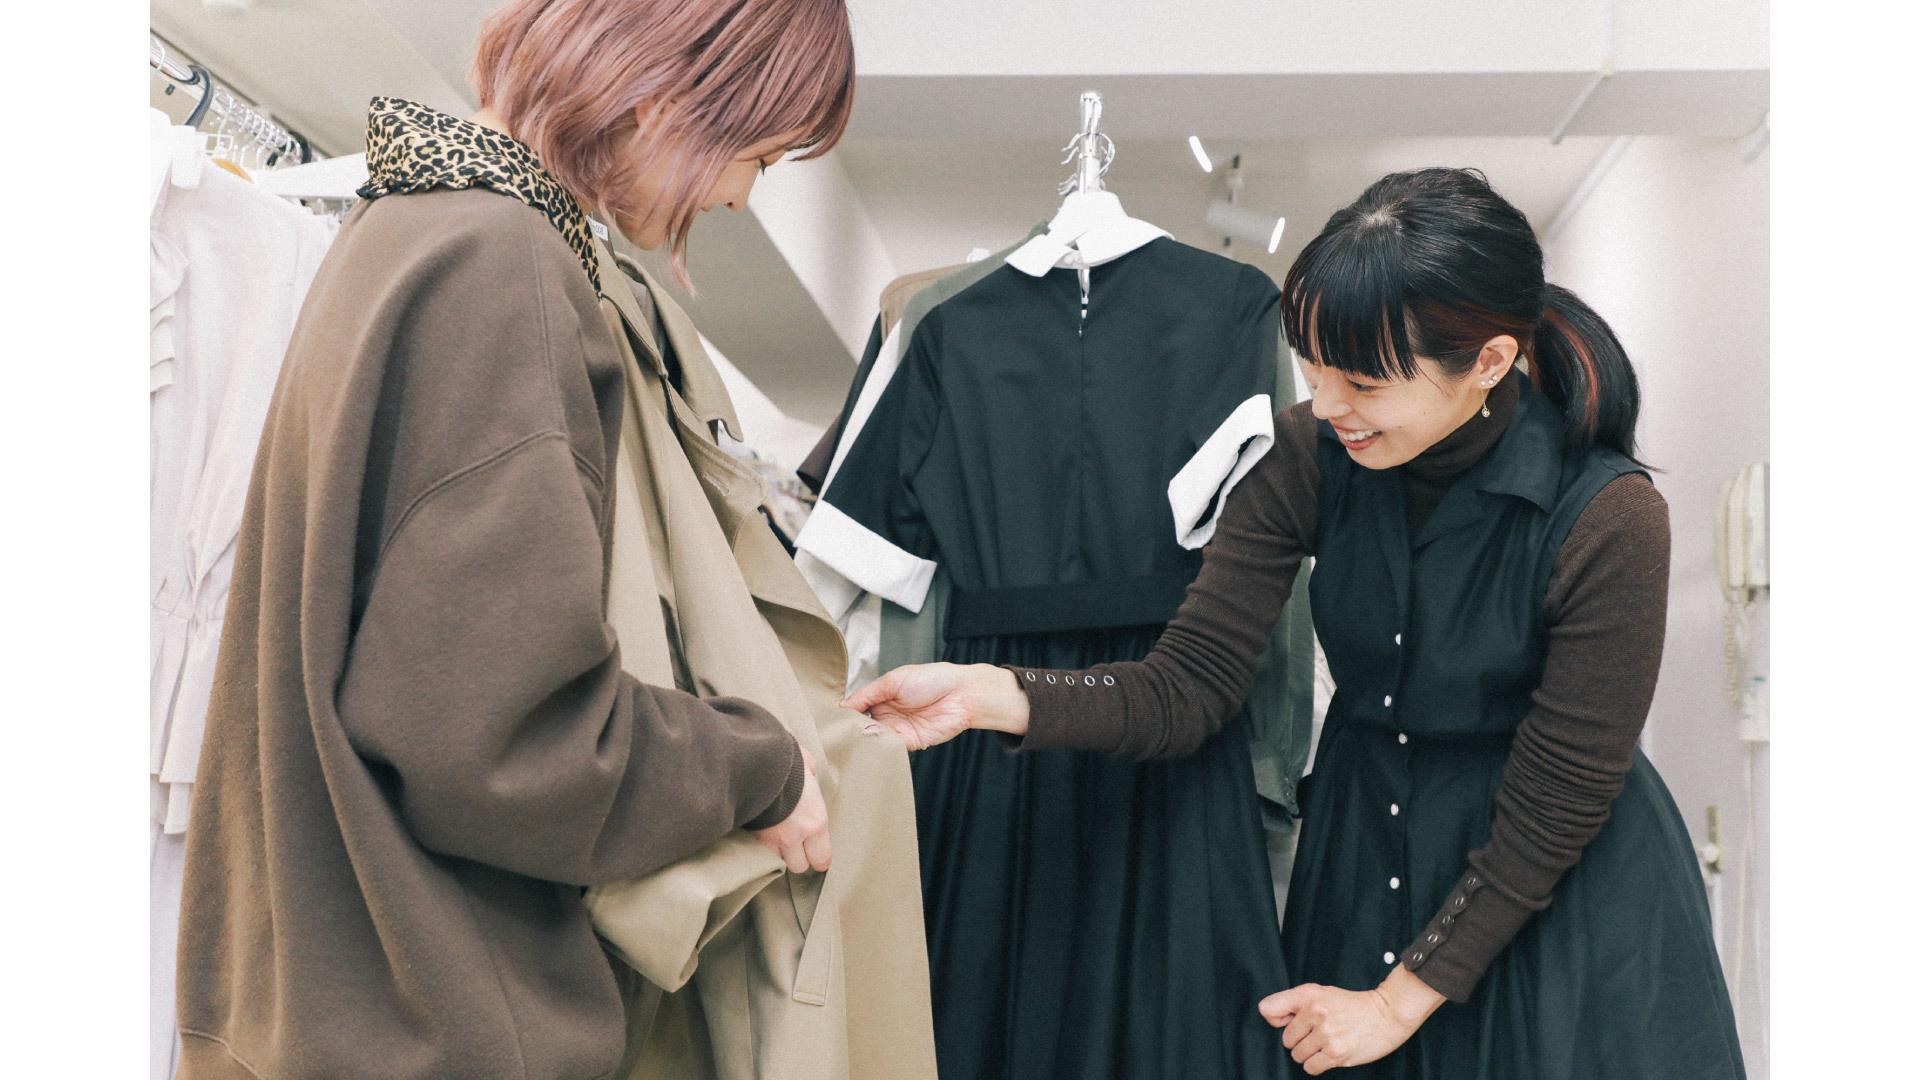 縫製職人×デザイナーのEC運営アシスタント|アルバイト(正社員登用あり)のカバー写真